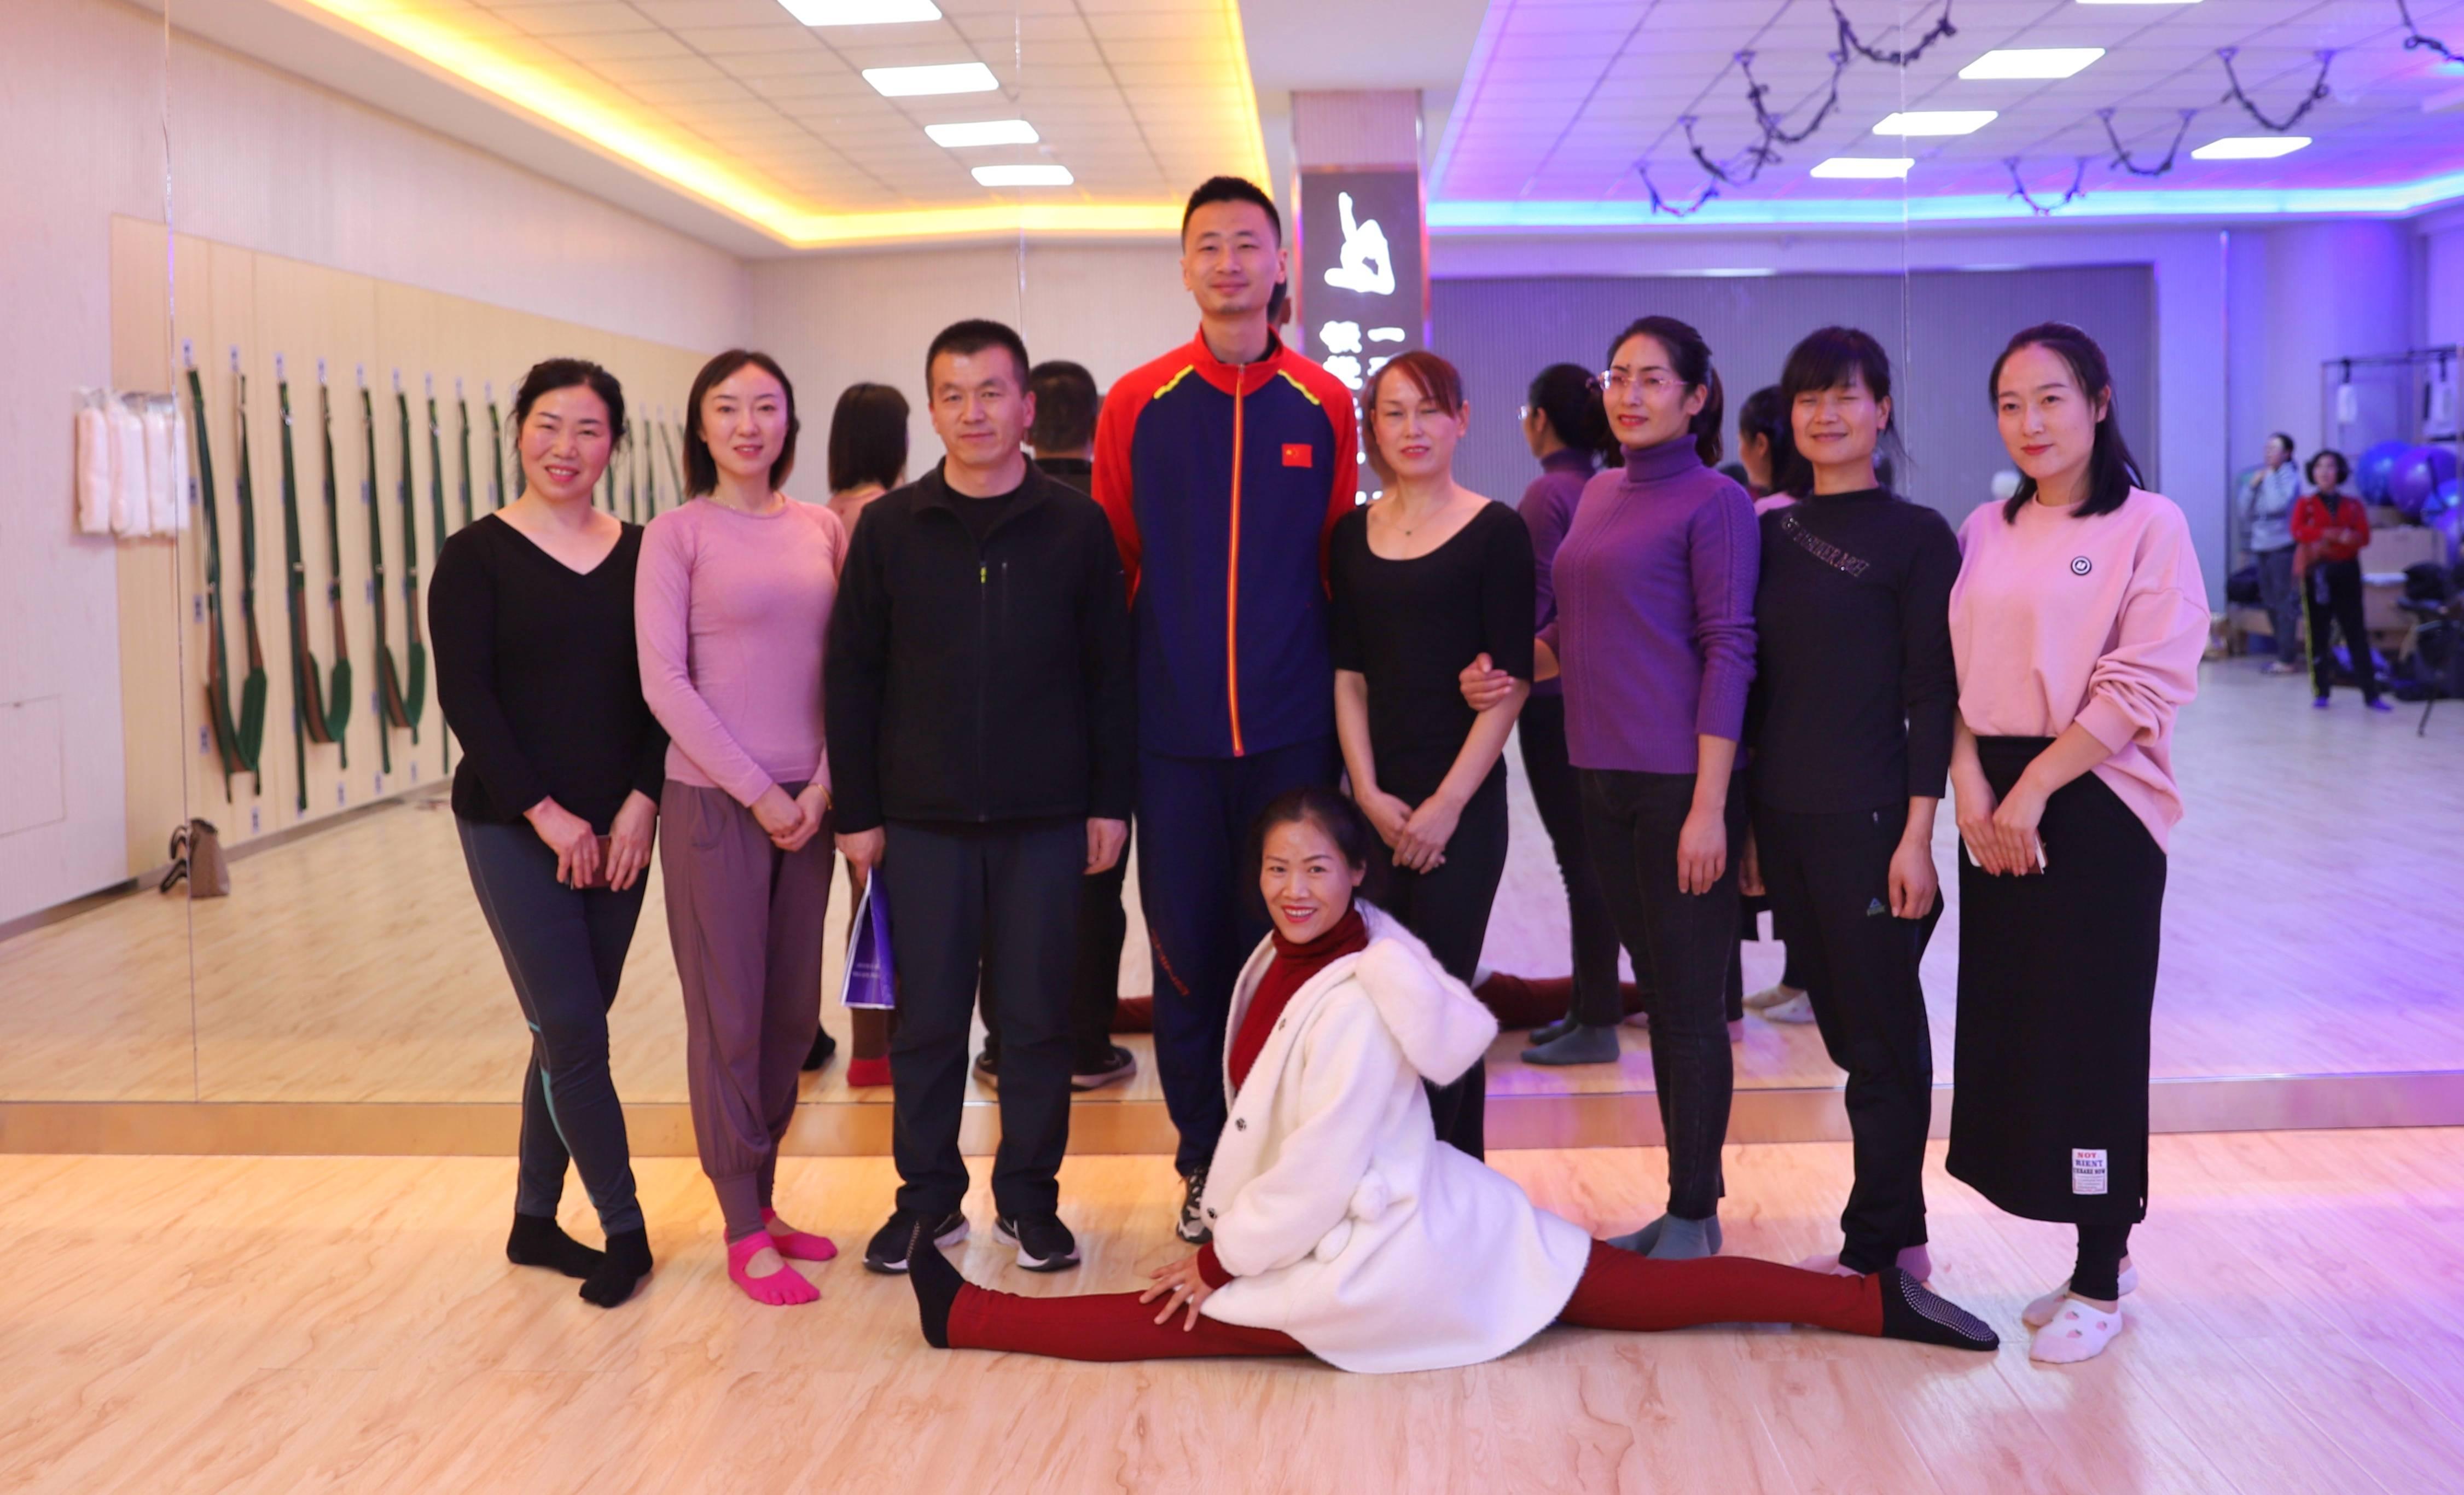 西吉县2020年科学健身讲堂暨健身瑜伽三级社会体育指导员培训